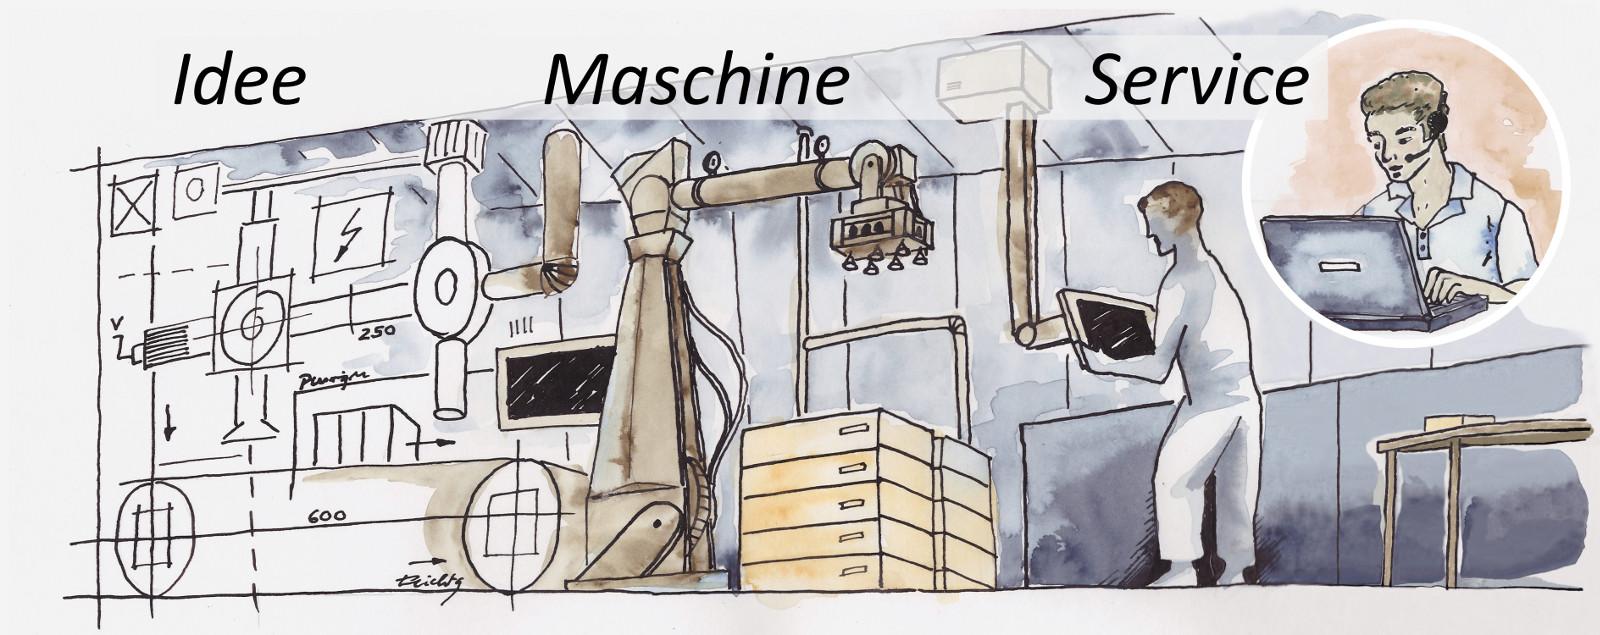 Von der Idee zur Maschine mit umfassendem Service